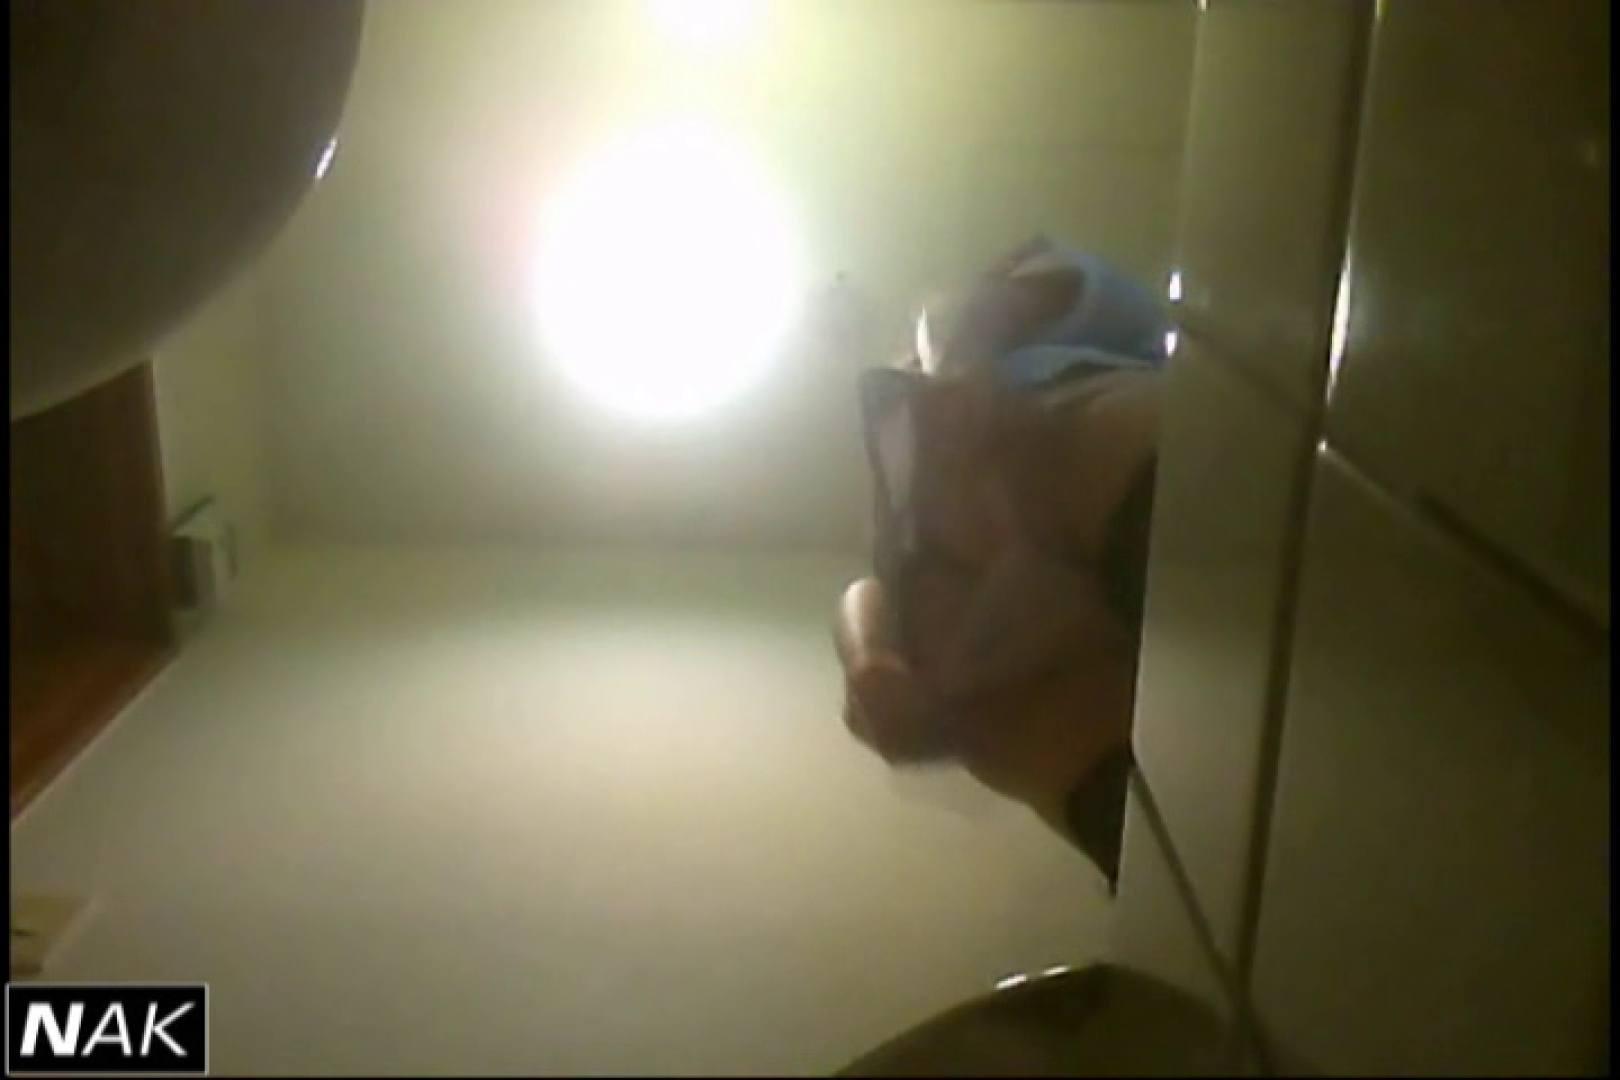 亀さんかわや VIP和式2カメバージョン! vol.09 OLのエロ生活 隠し撮りオマンコ動画紹介 107連発 2